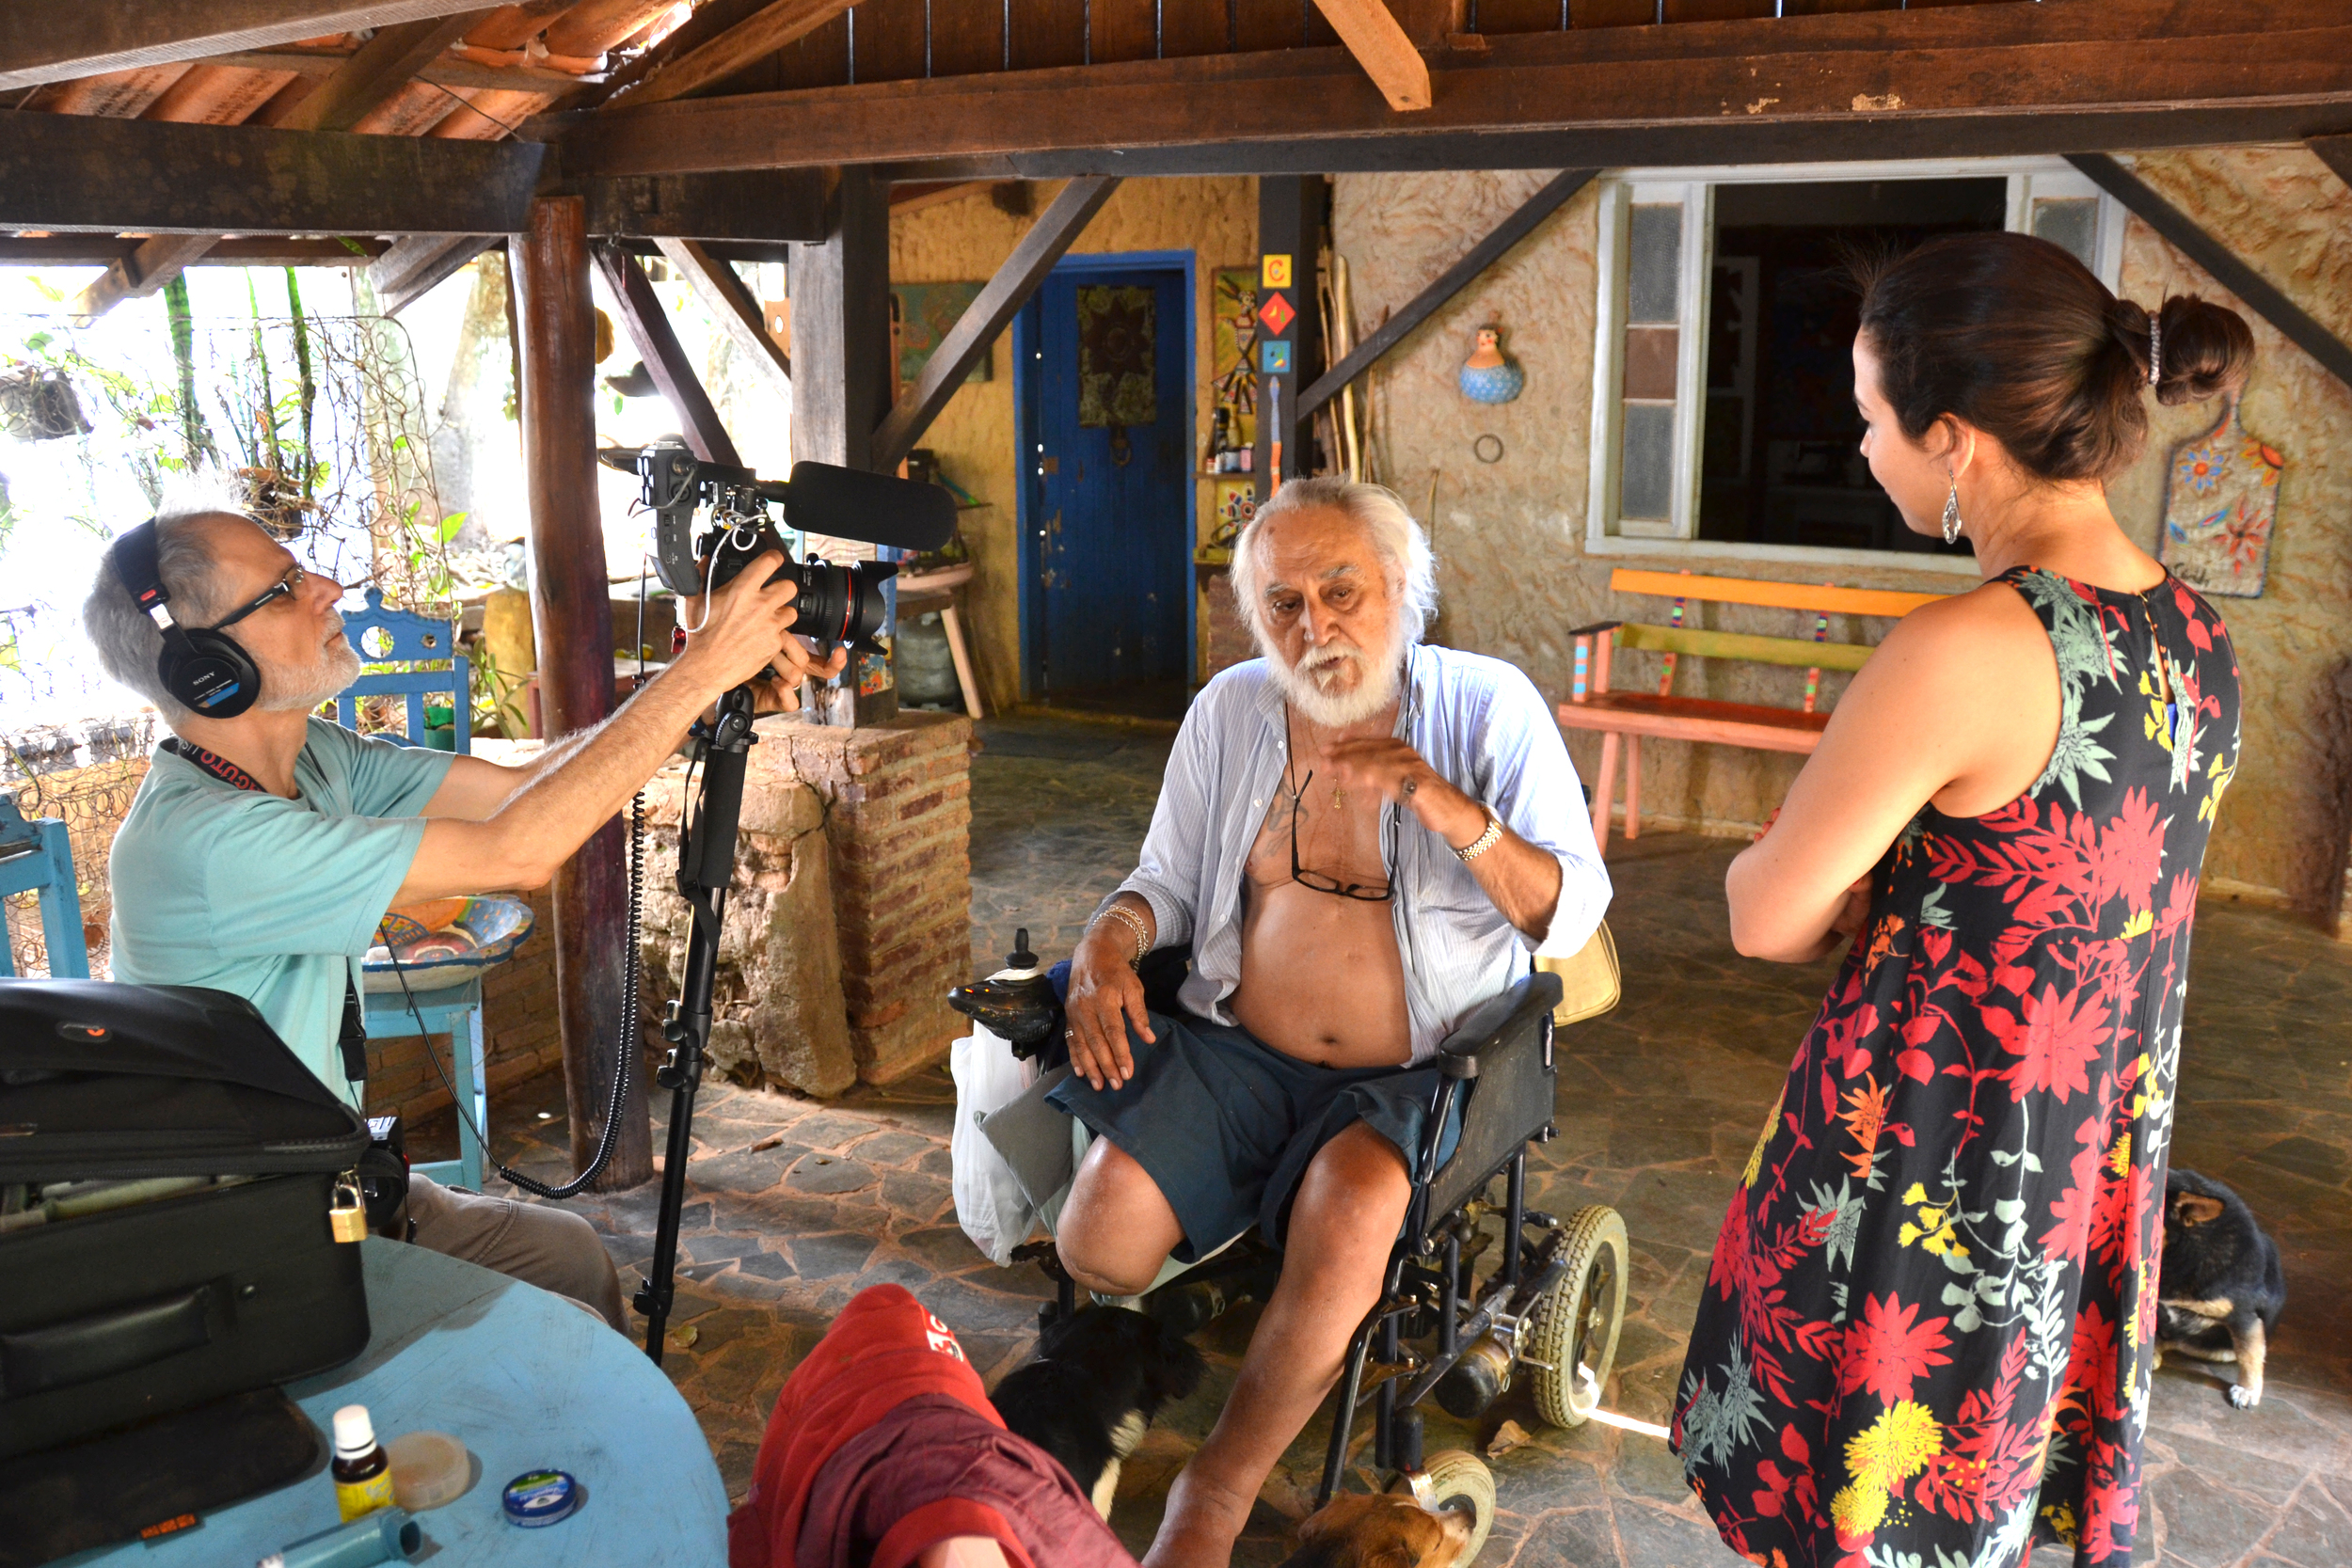 Primeiro dia de gravações na casa de Fé Córdula - (foto Gustavo Porpirno)